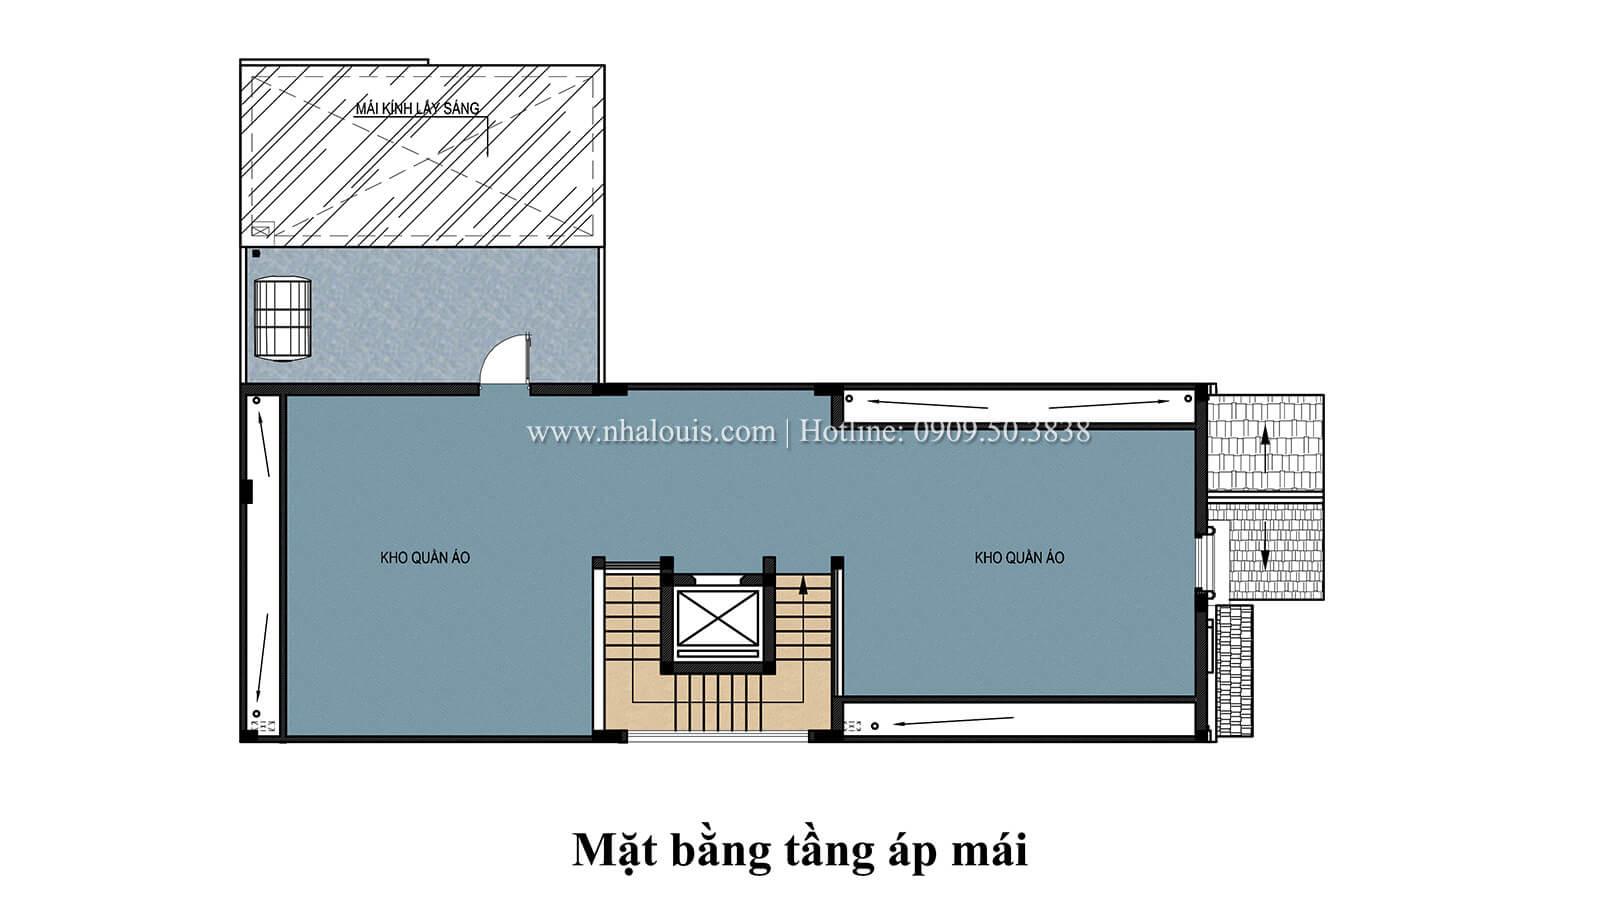 Mặt bằng tầng áp mái Mẫu nhà phố bán cổ điển với mái Thái độc đáo tại Tân Bình - 29